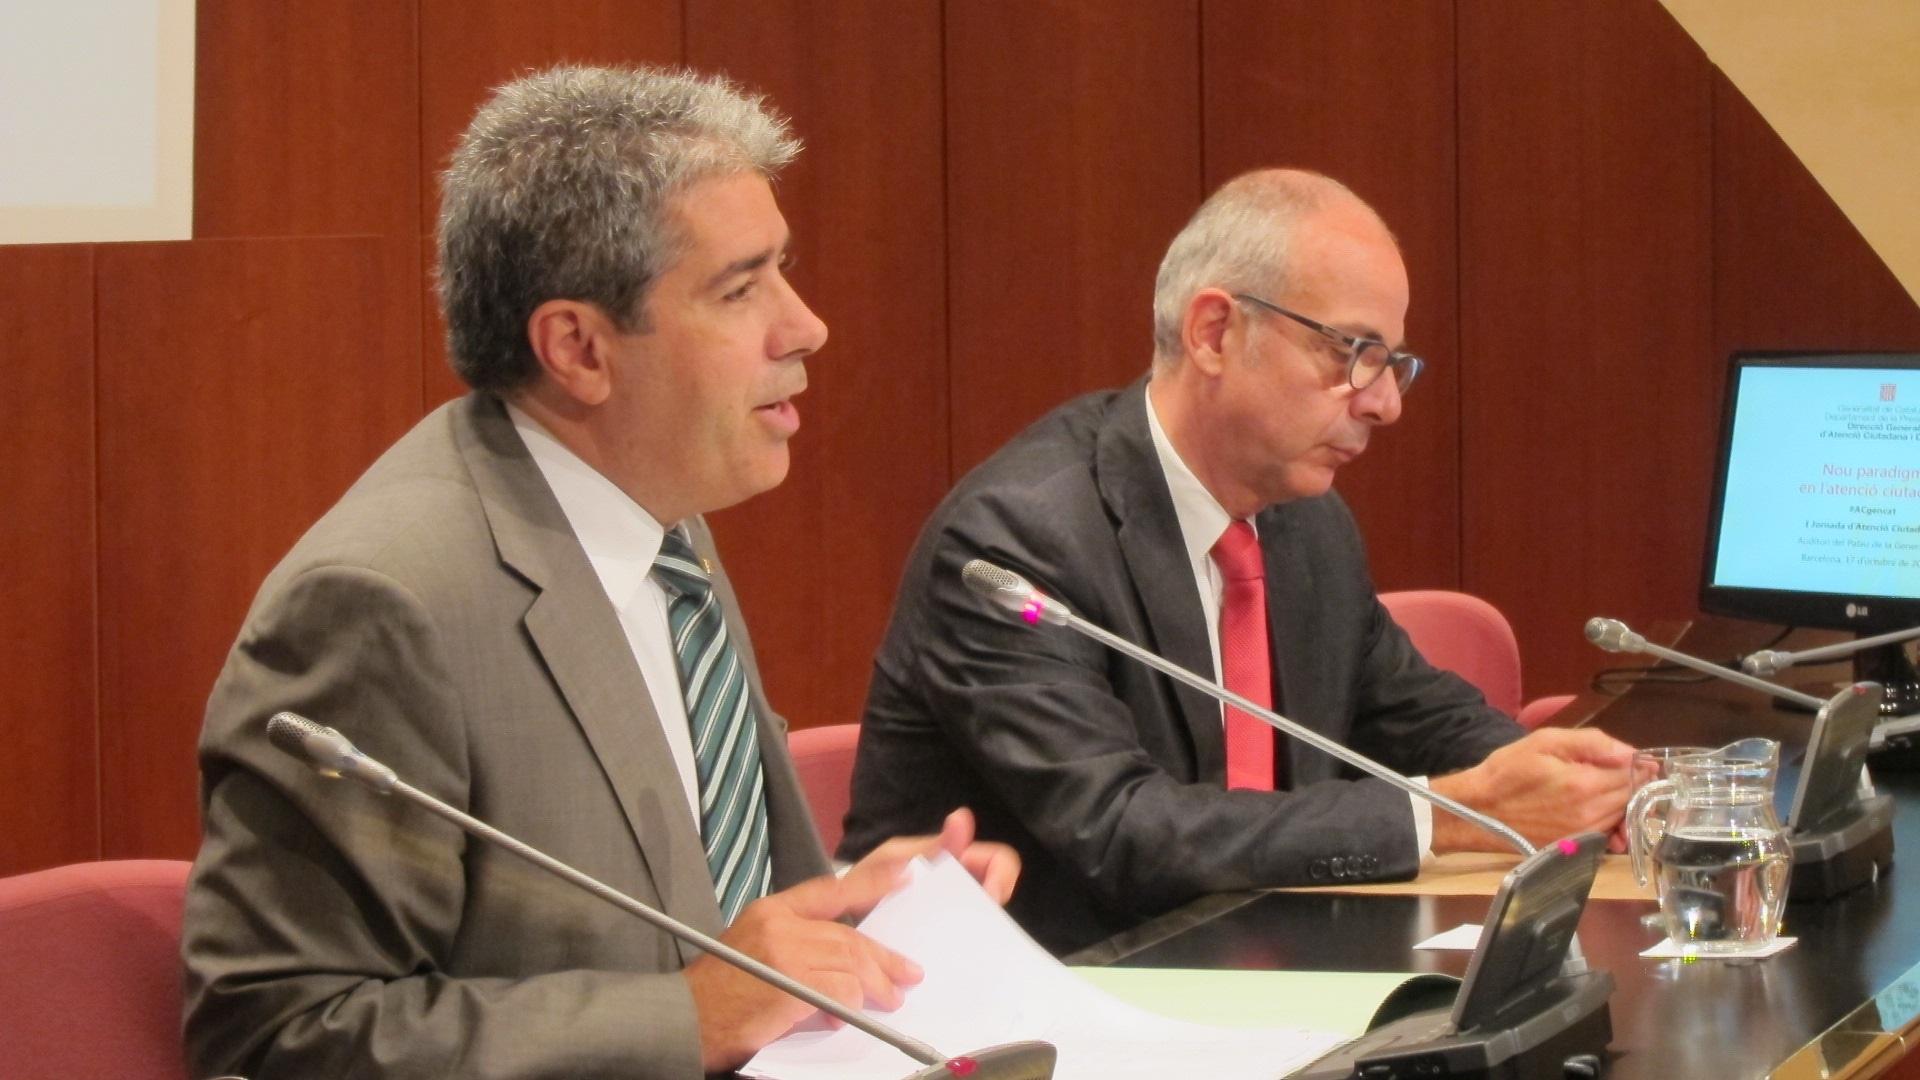 Homs y Duran muestran sus discrepancias en público en el polvorín de CiU